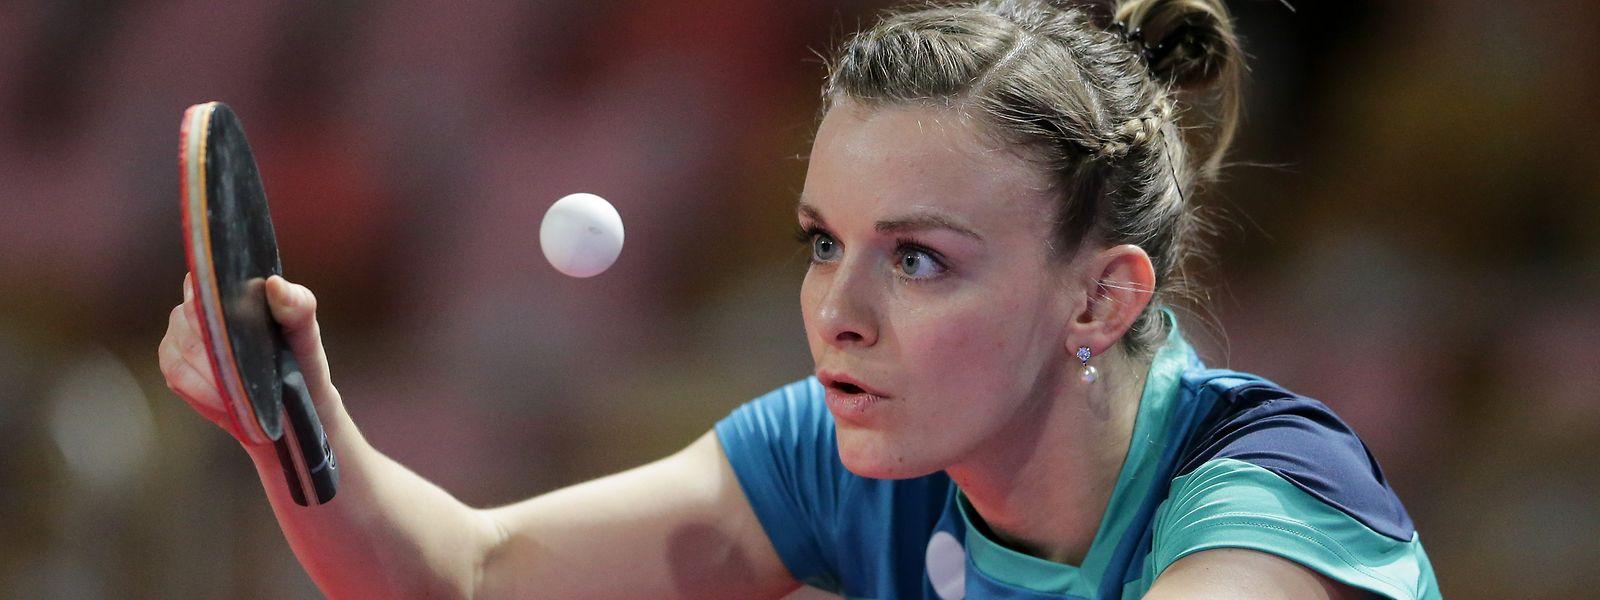 Sarah de Nutte tritt im Tischtennis an.